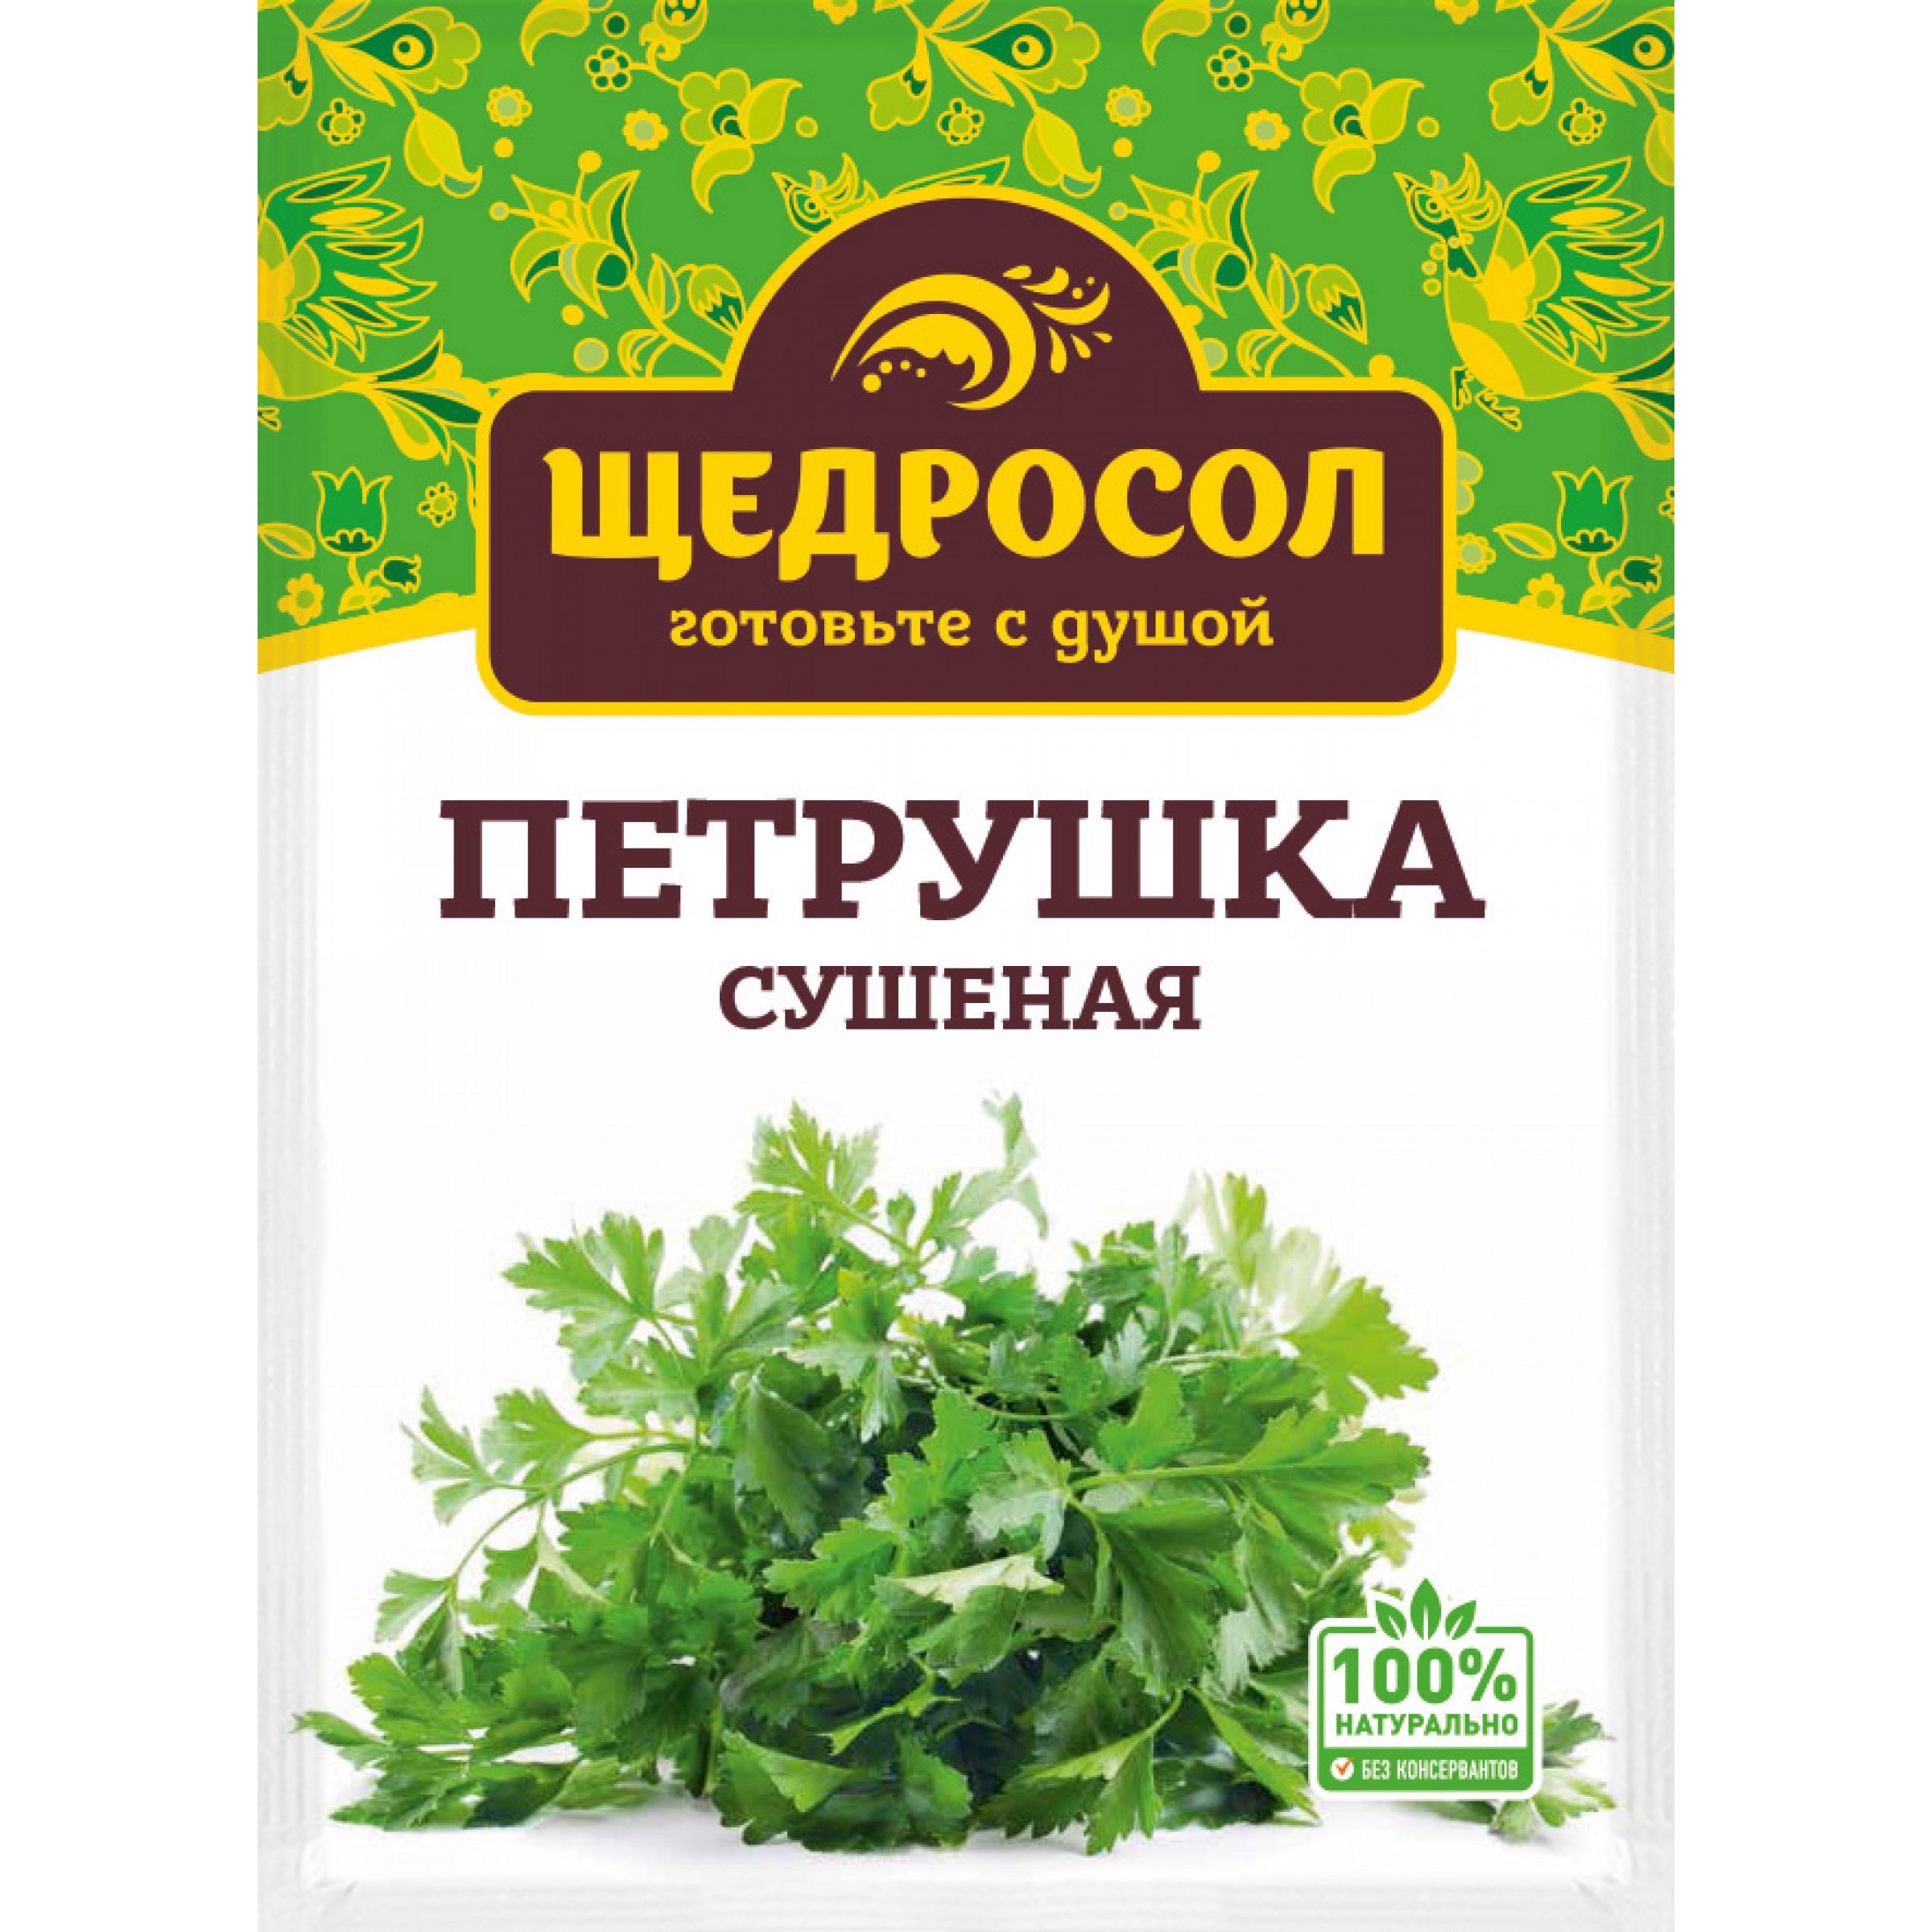 Петрушка сушеная, Щедросол, 7 гр